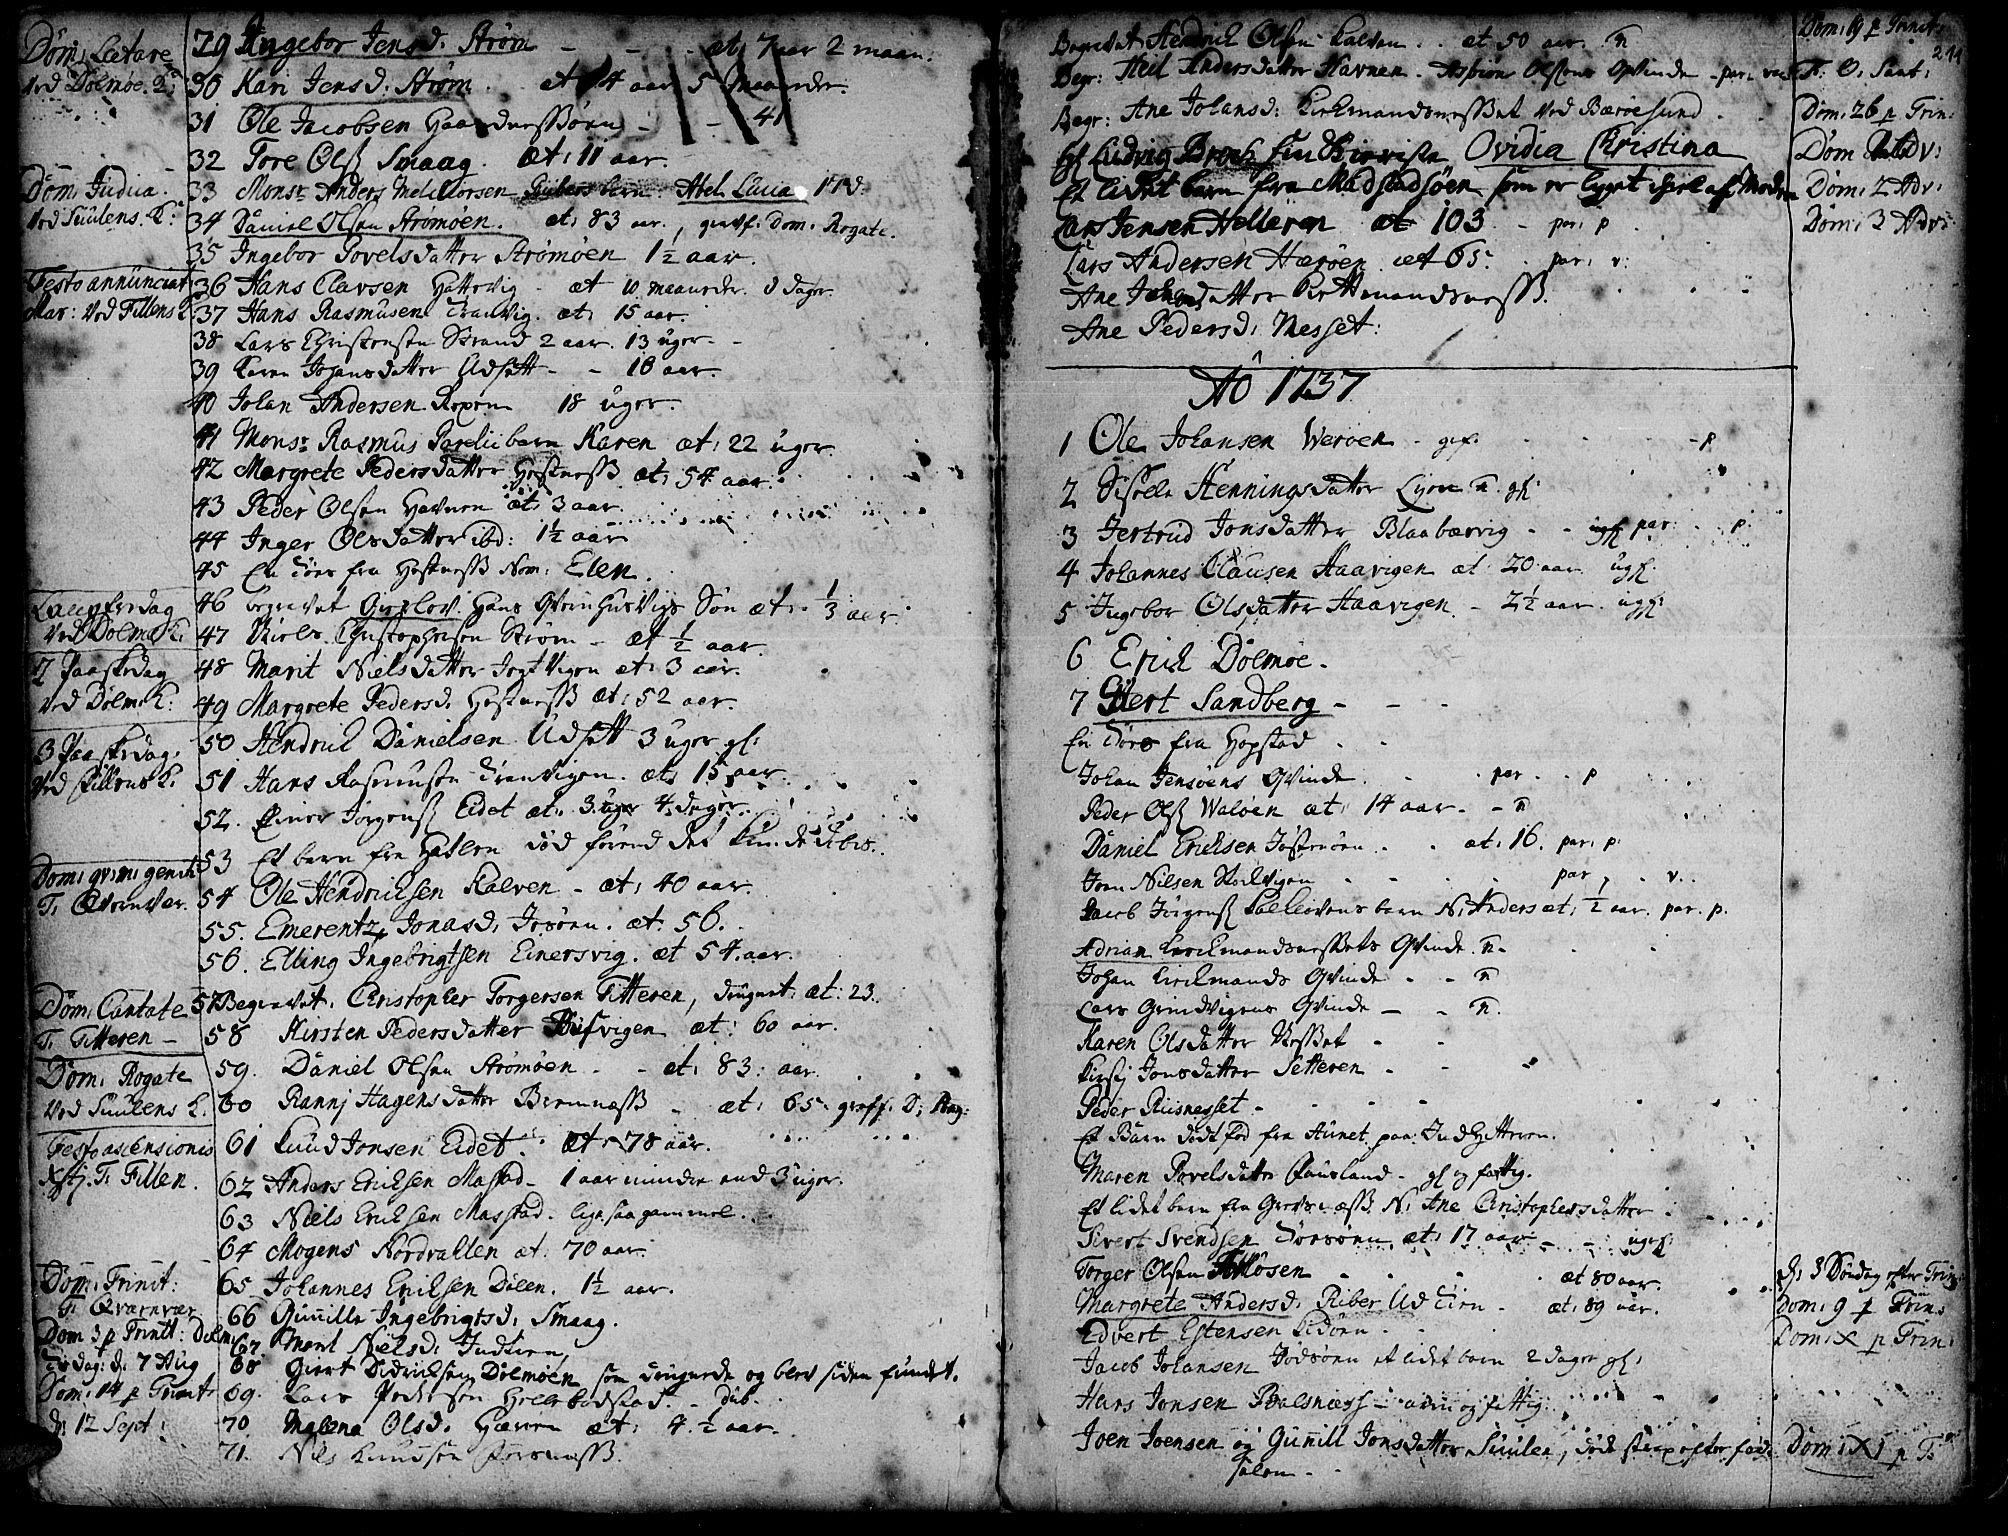 SAT, Ministerialprotokoller, klokkerbøker og fødselsregistre - Sør-Trøndelag, 634/L0525: Ministerialbok nr. 634A01, 1736-1775, s. 211